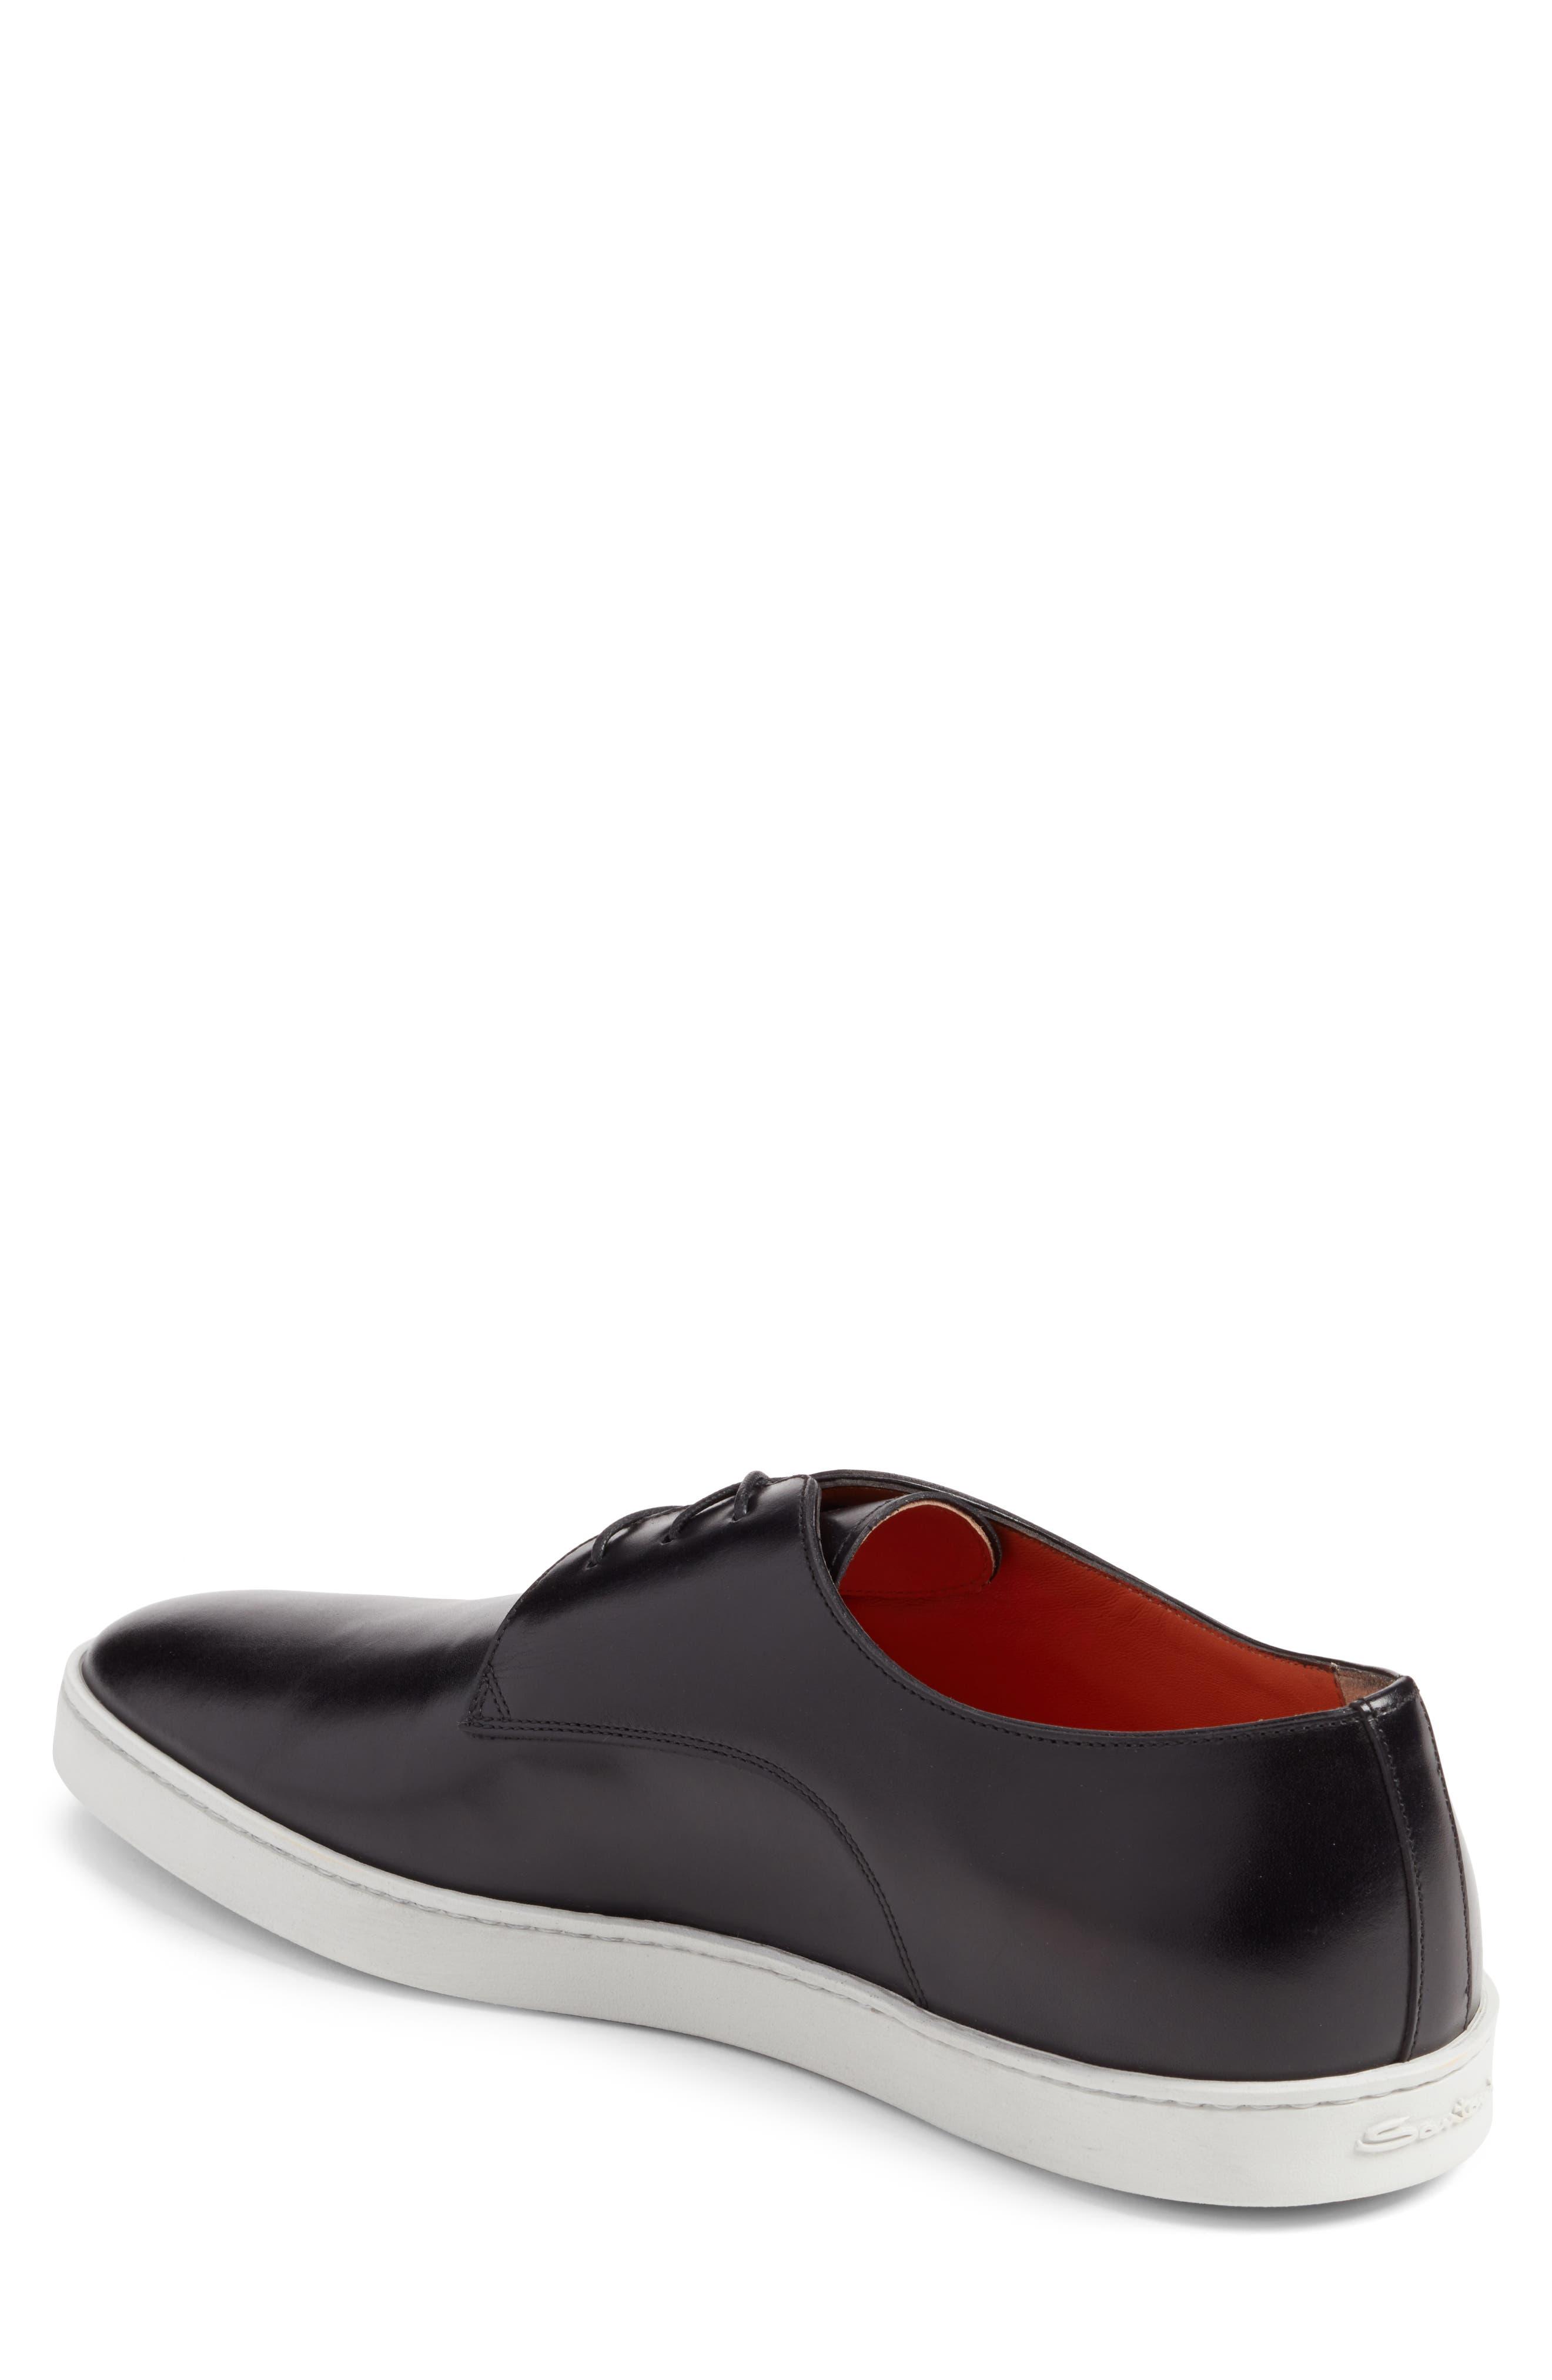 santoni shoes nordstrom  Neu Gtzburg Blau Slip Herren Outlet P 817 #12